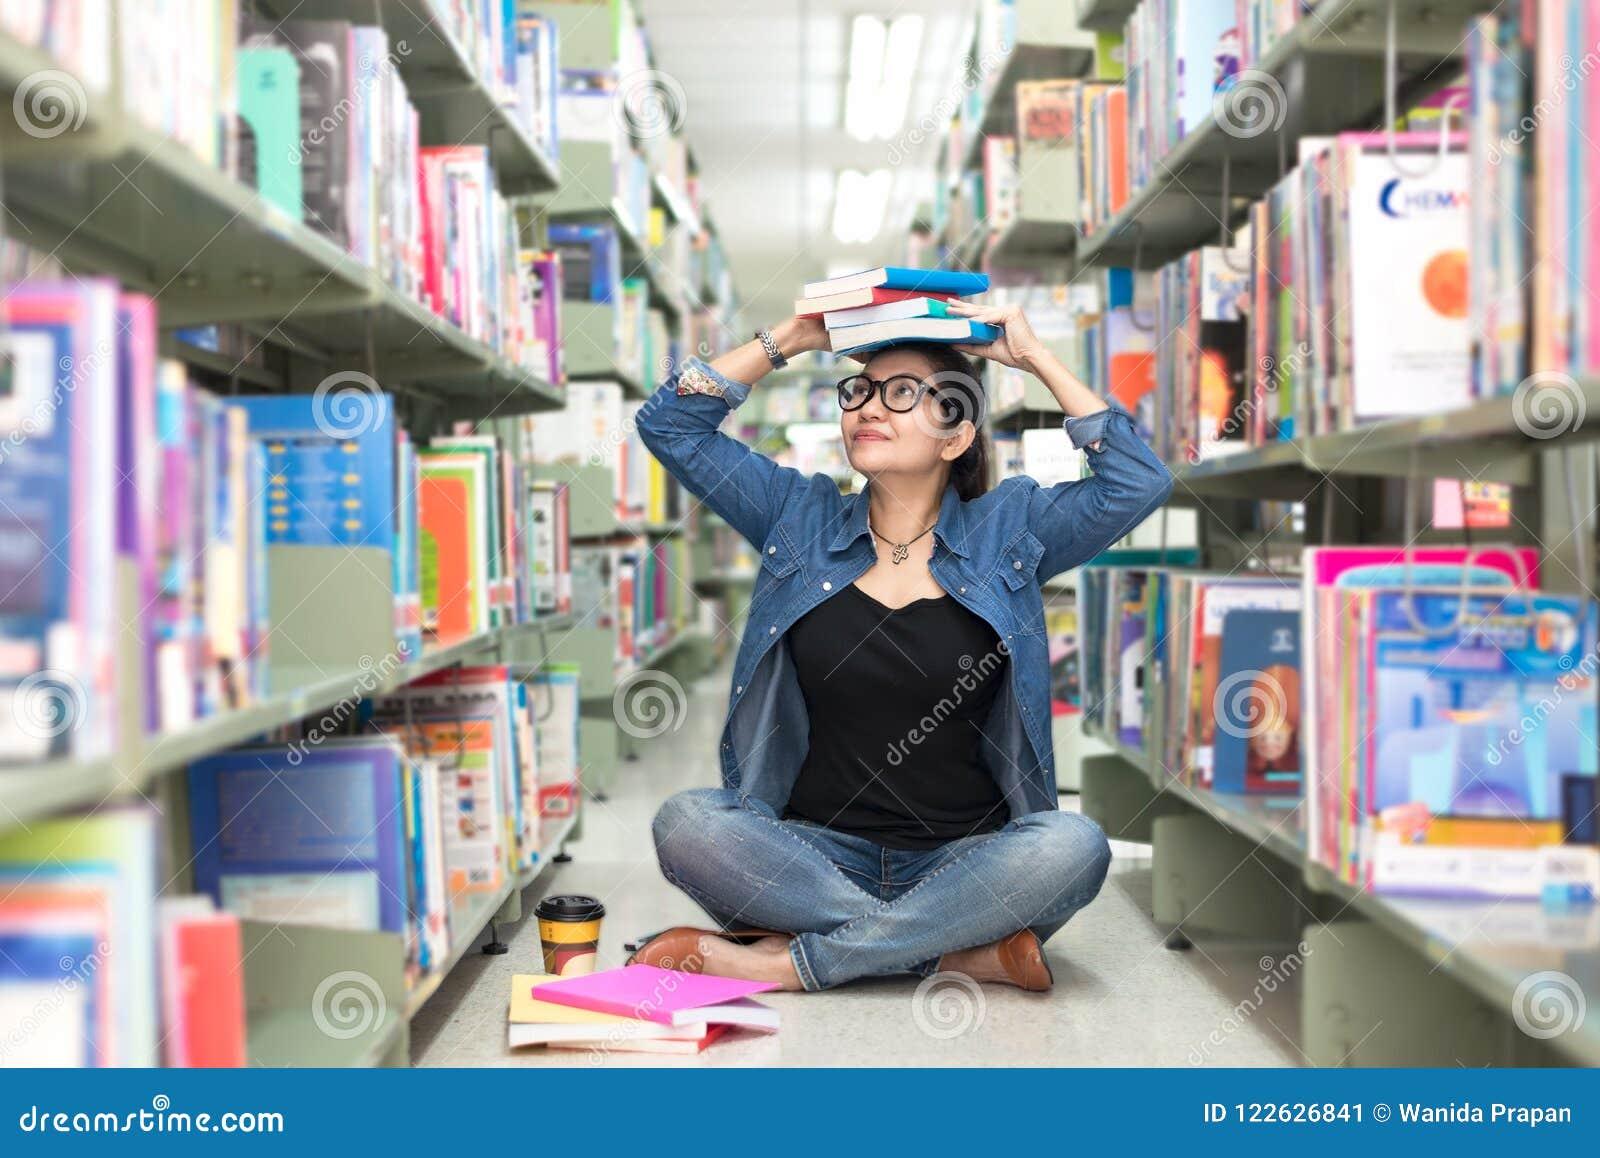 Азиаты в библиотеке